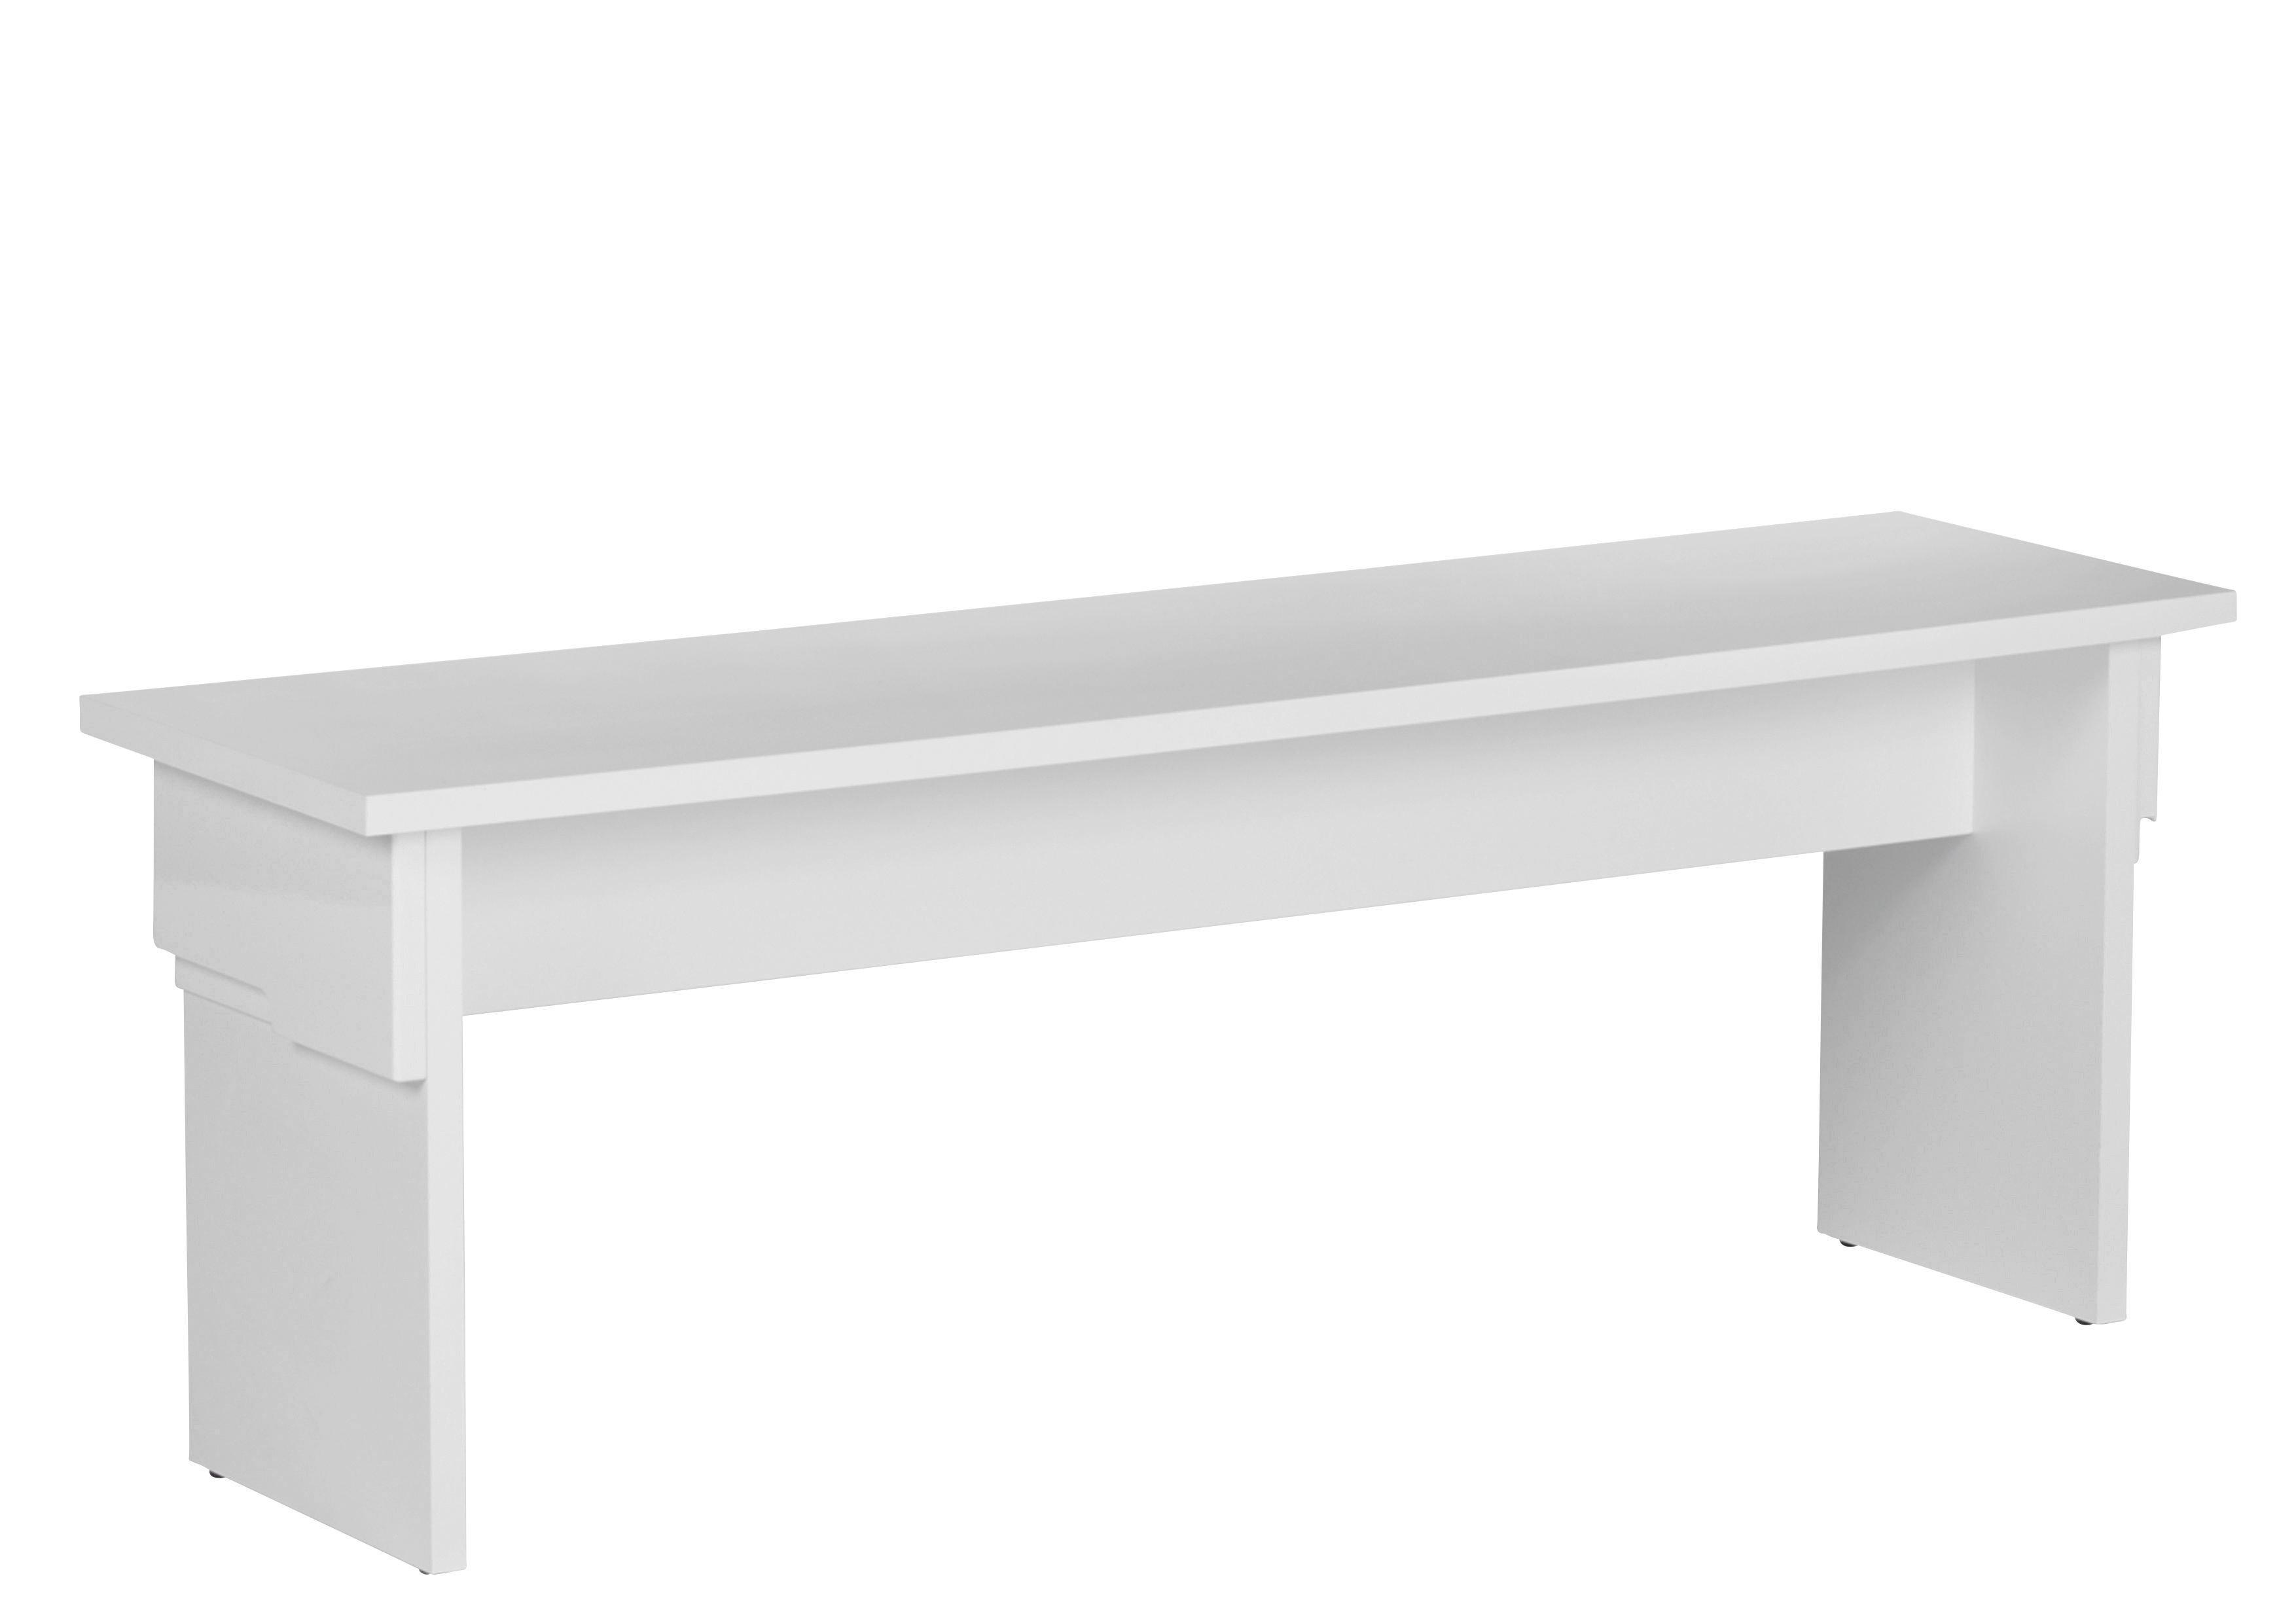 Sitzbank Modern moderne sitzbank fur zwei kunststoff design